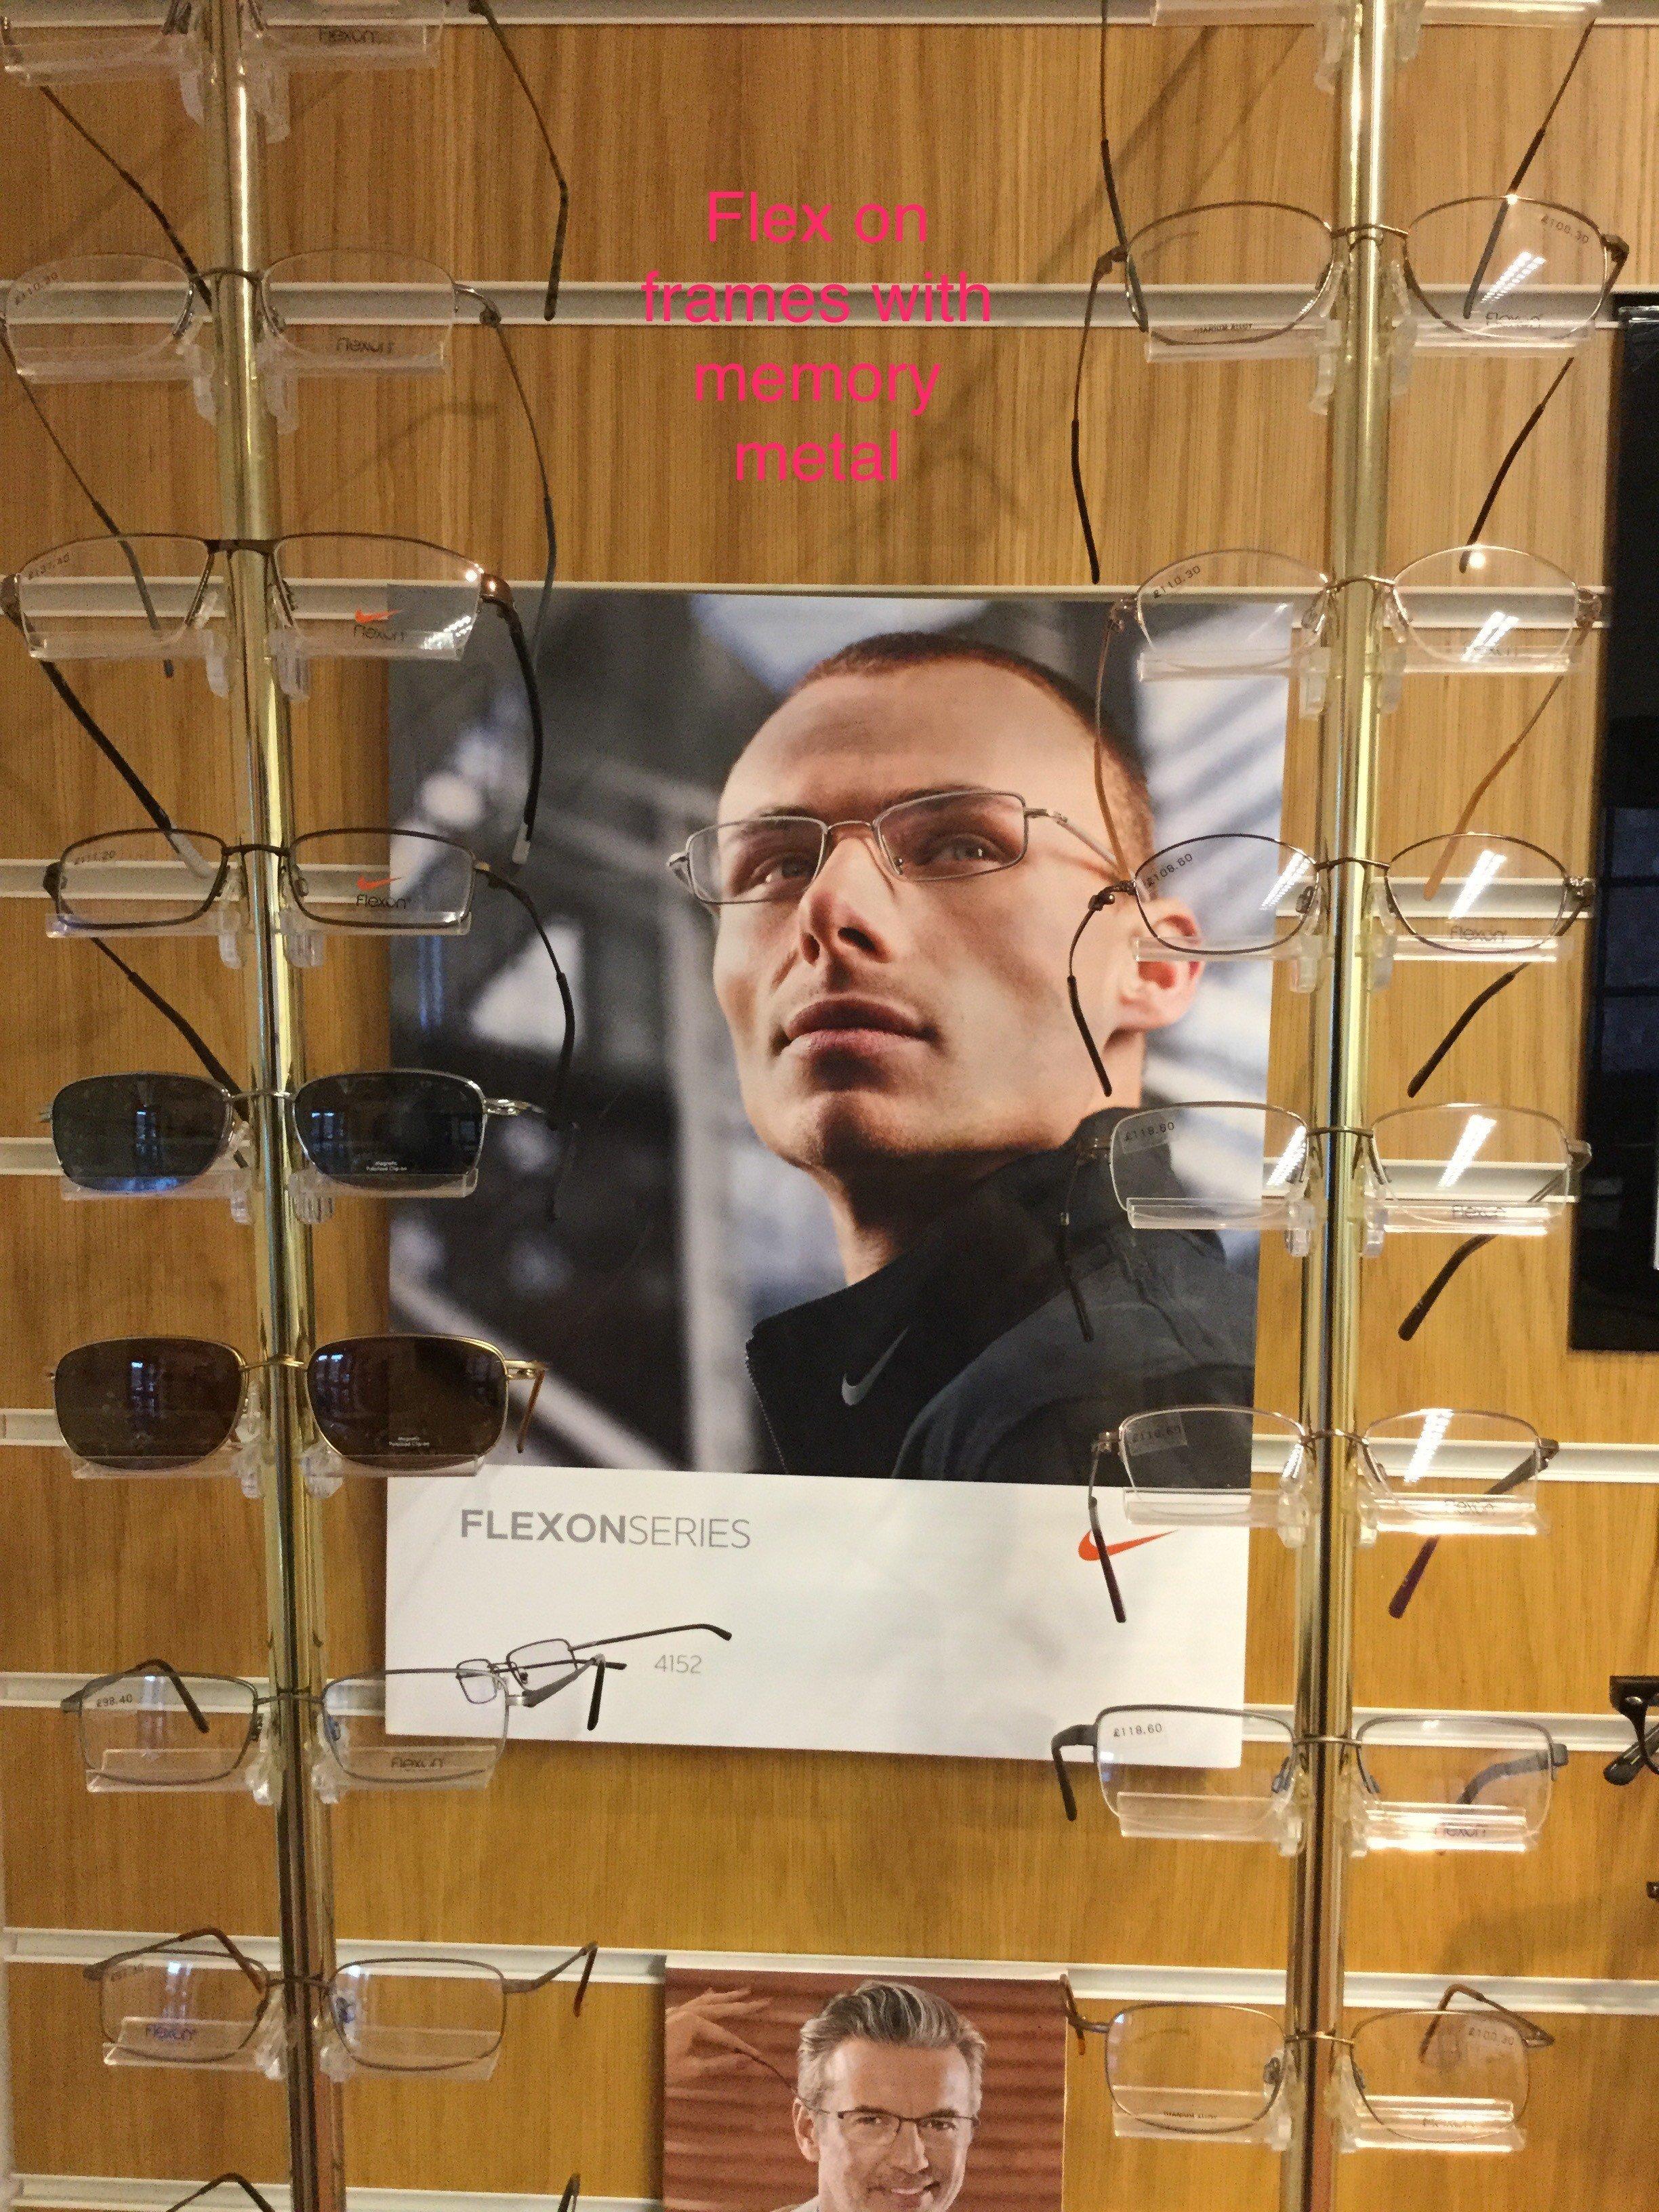 Frames from Flexon